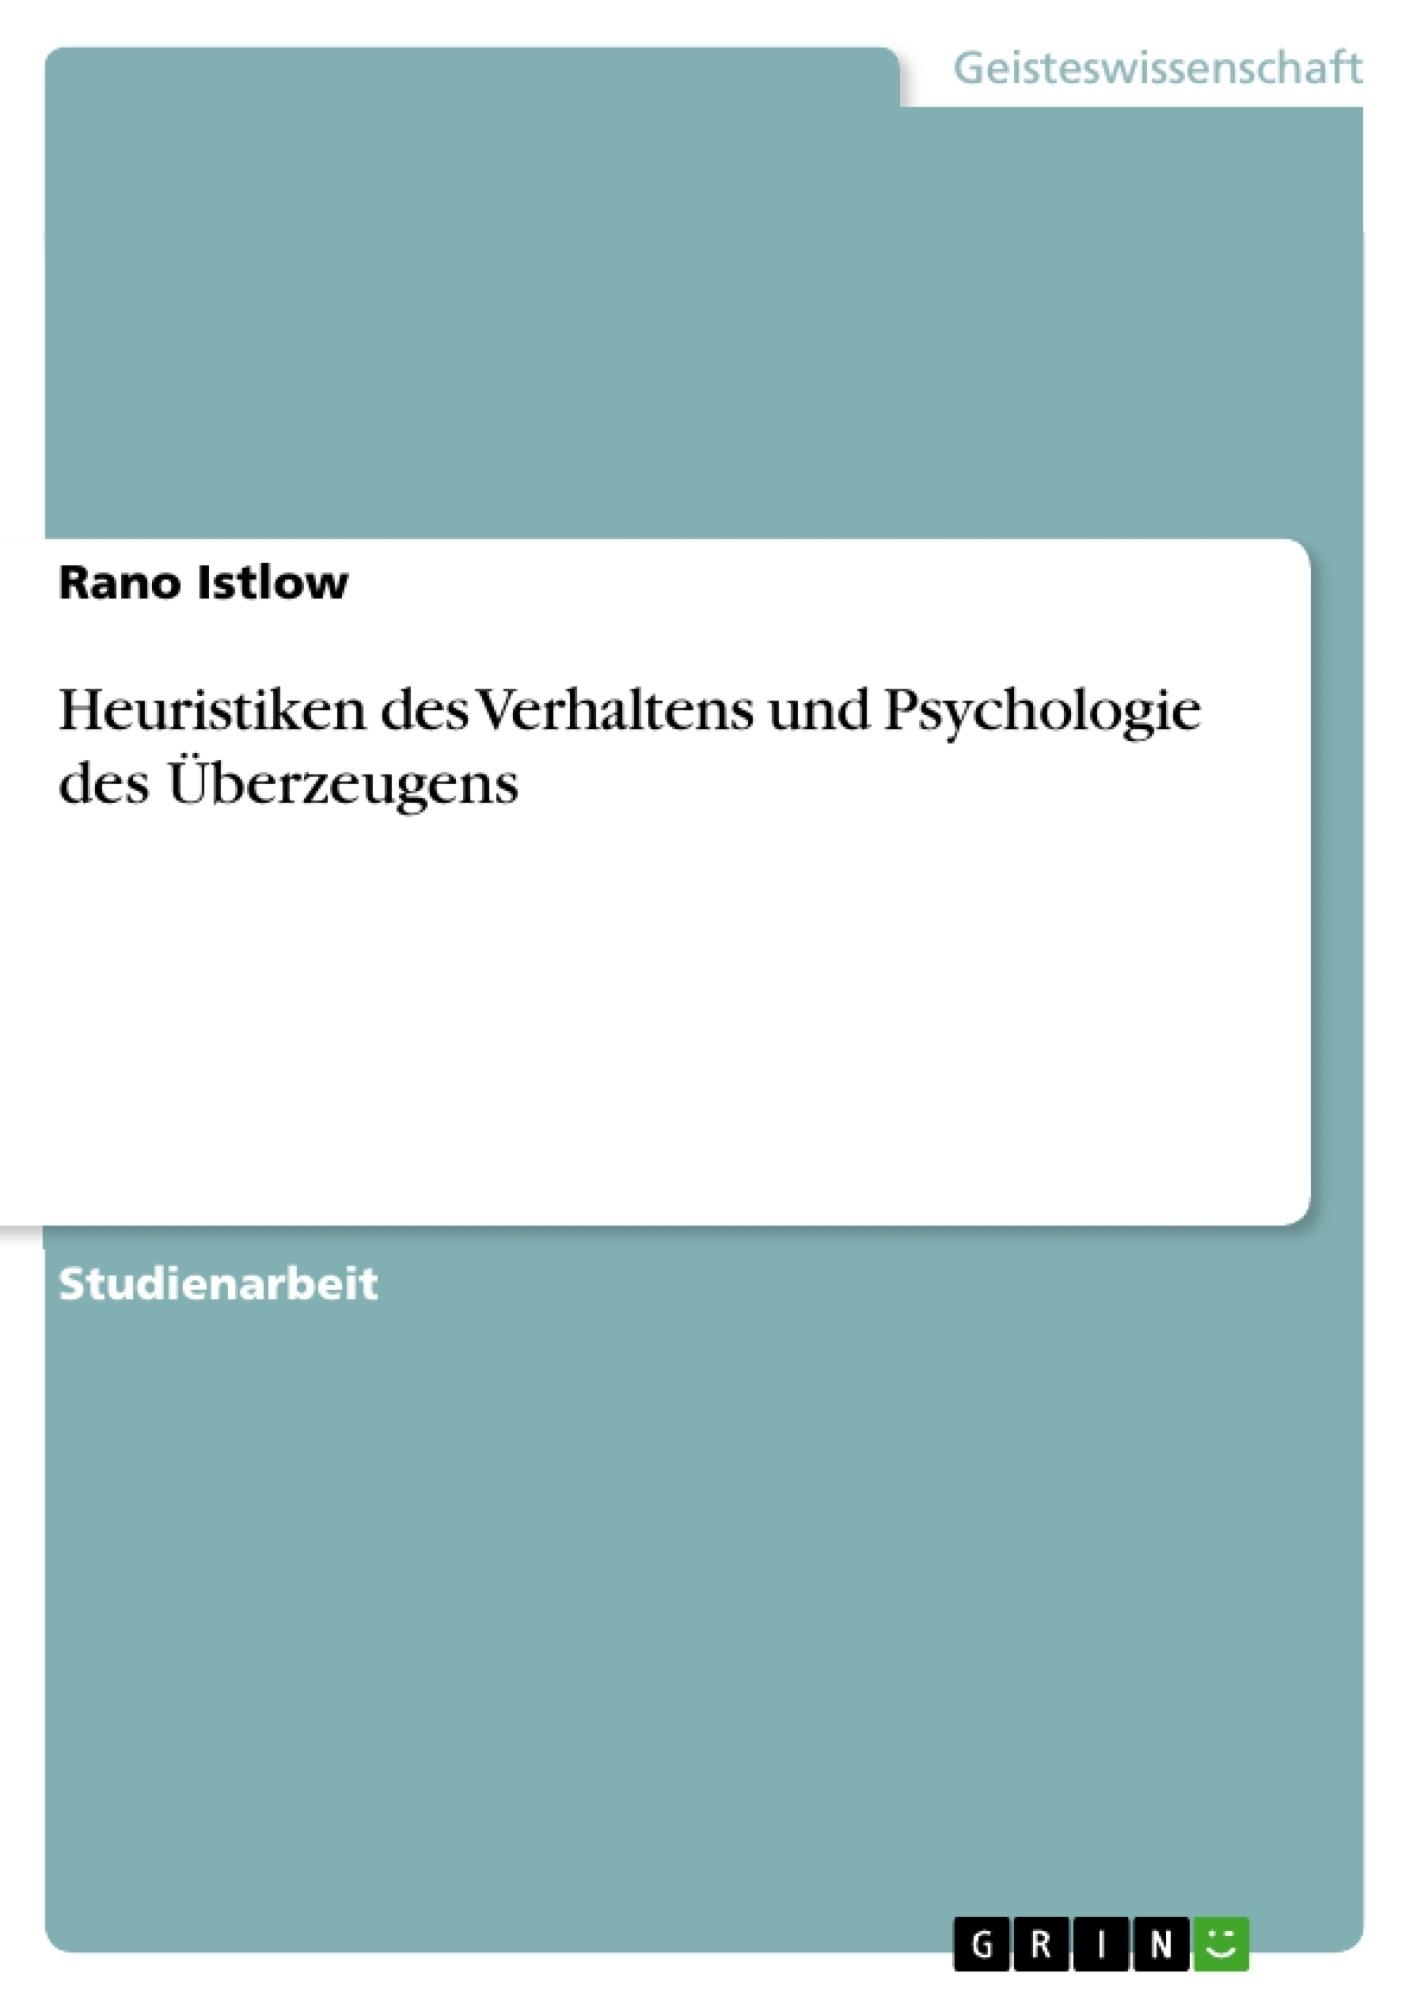 Titel: Heuristiken des Verhaltens und Psychologie des Überzeugens